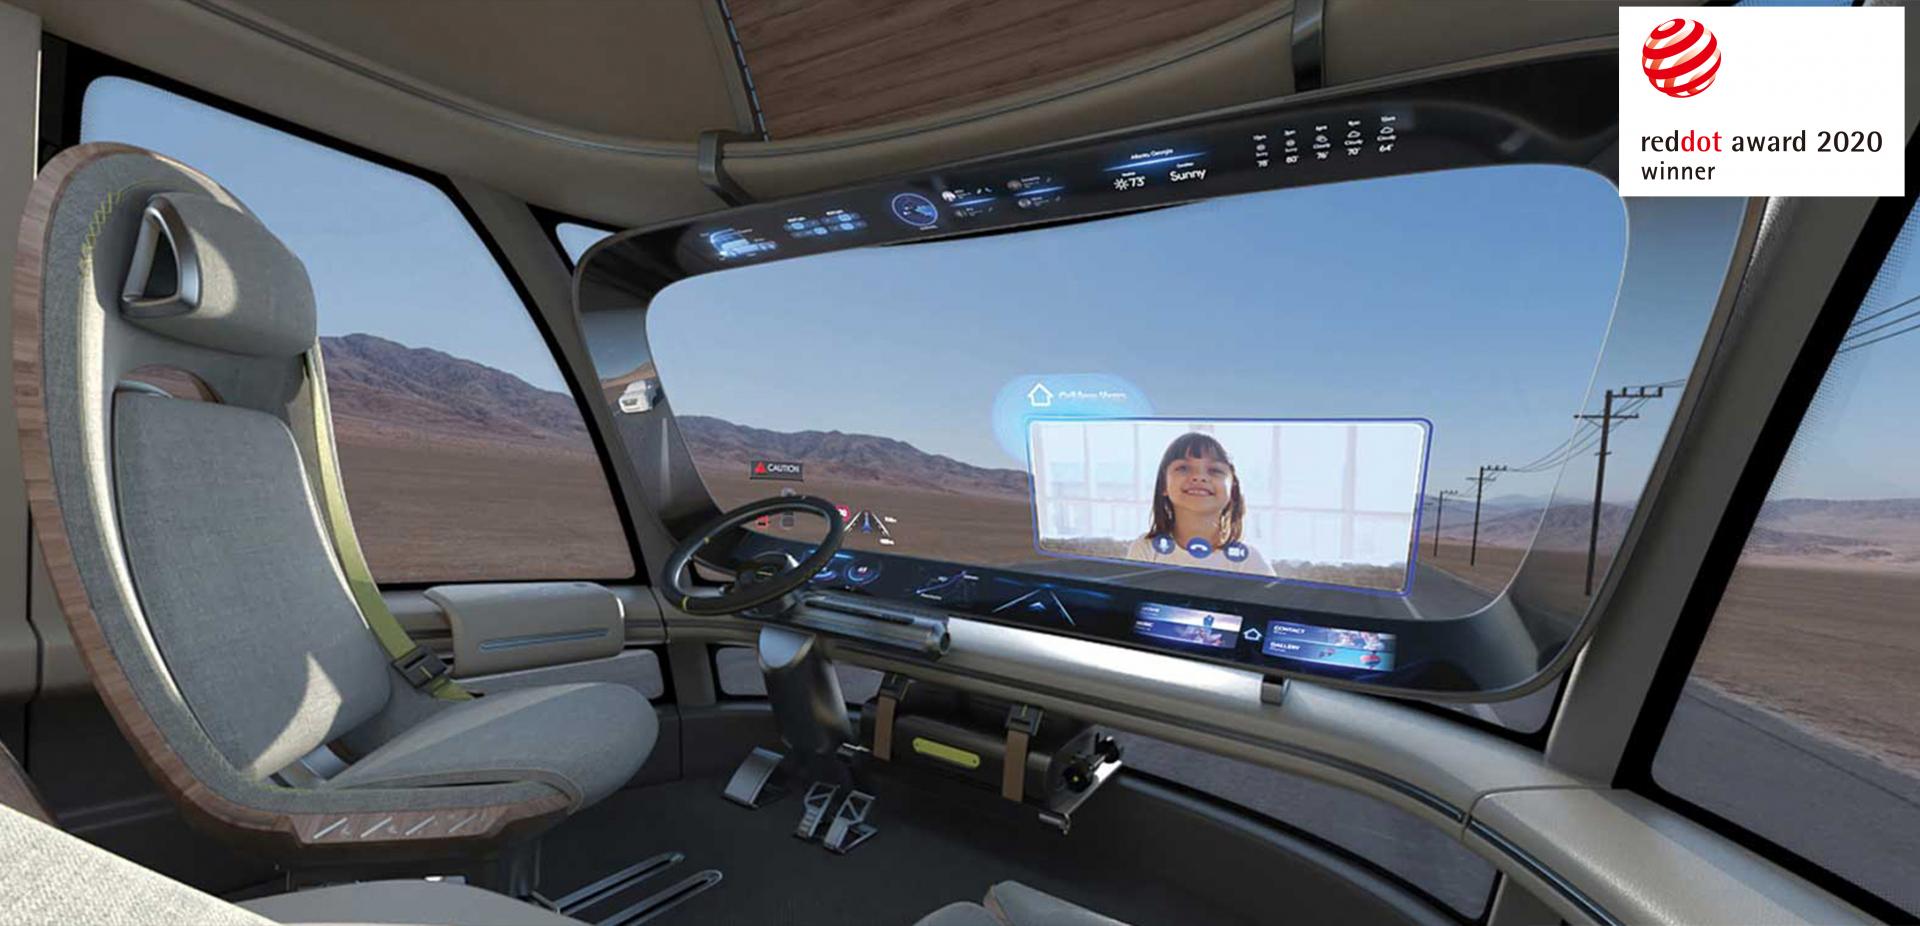 Компанія Hyundai Motor отримала три нагороди Red Dot Award 2020 за концептуальний дизайн   Автоберег - фото 12